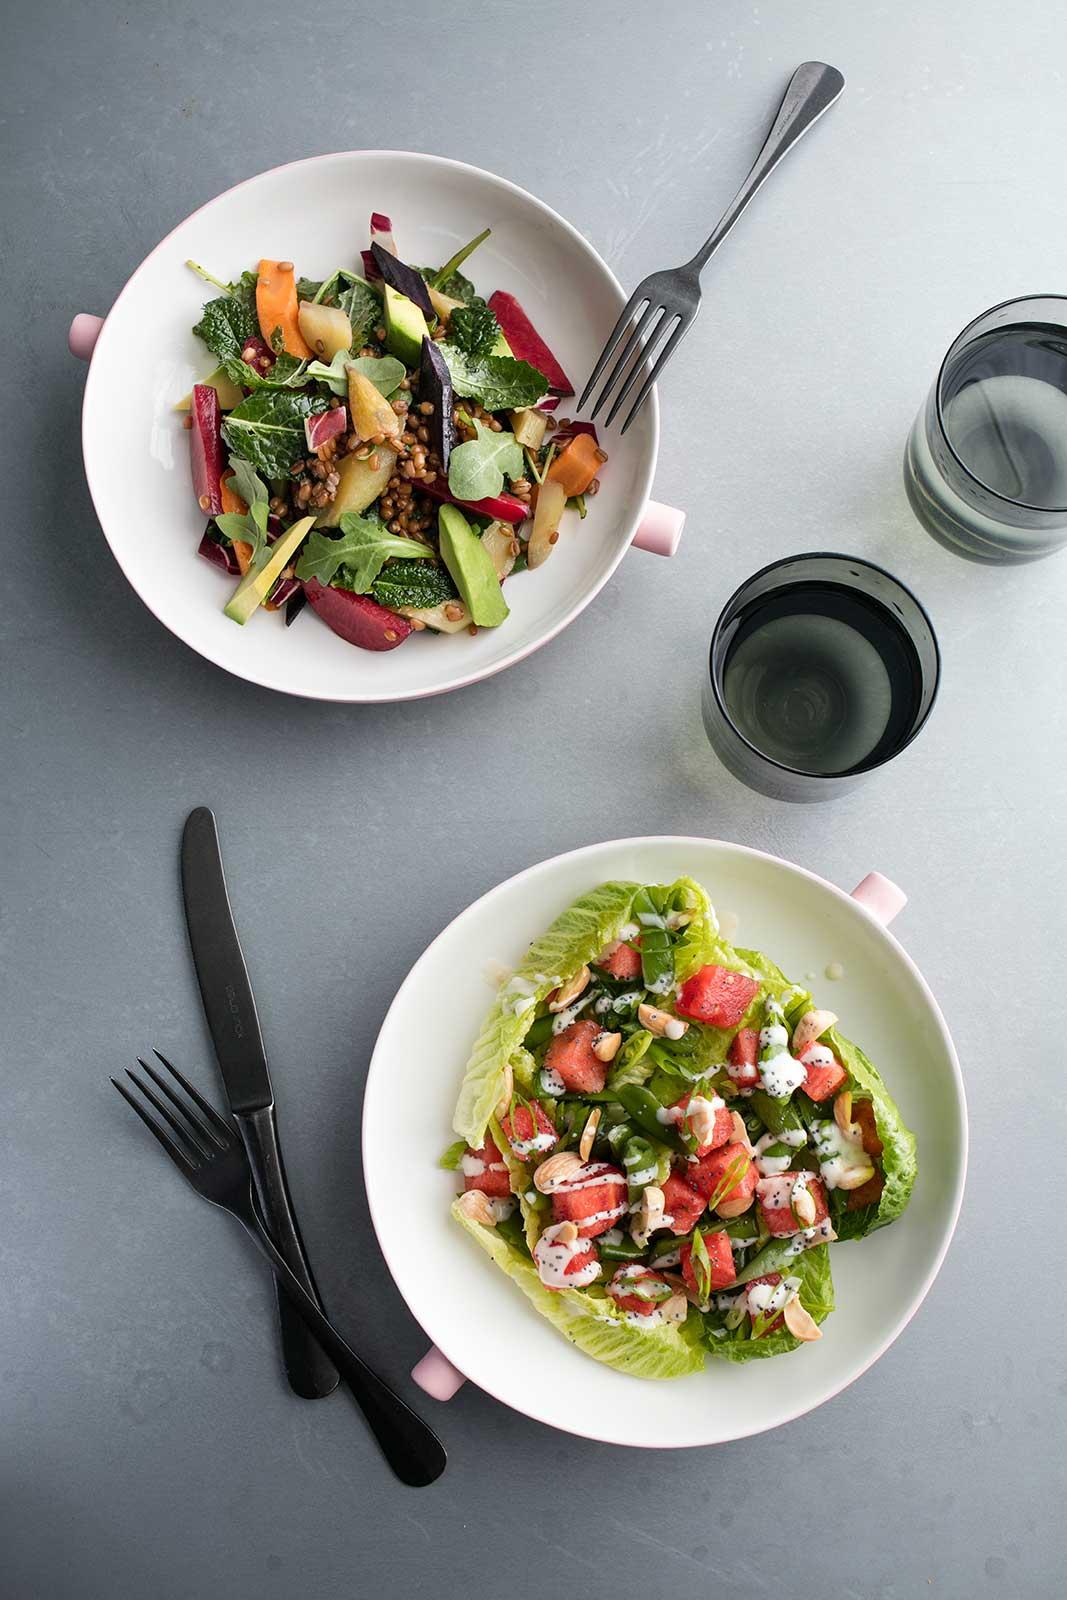 Blackbarn-Salads-01.jpg